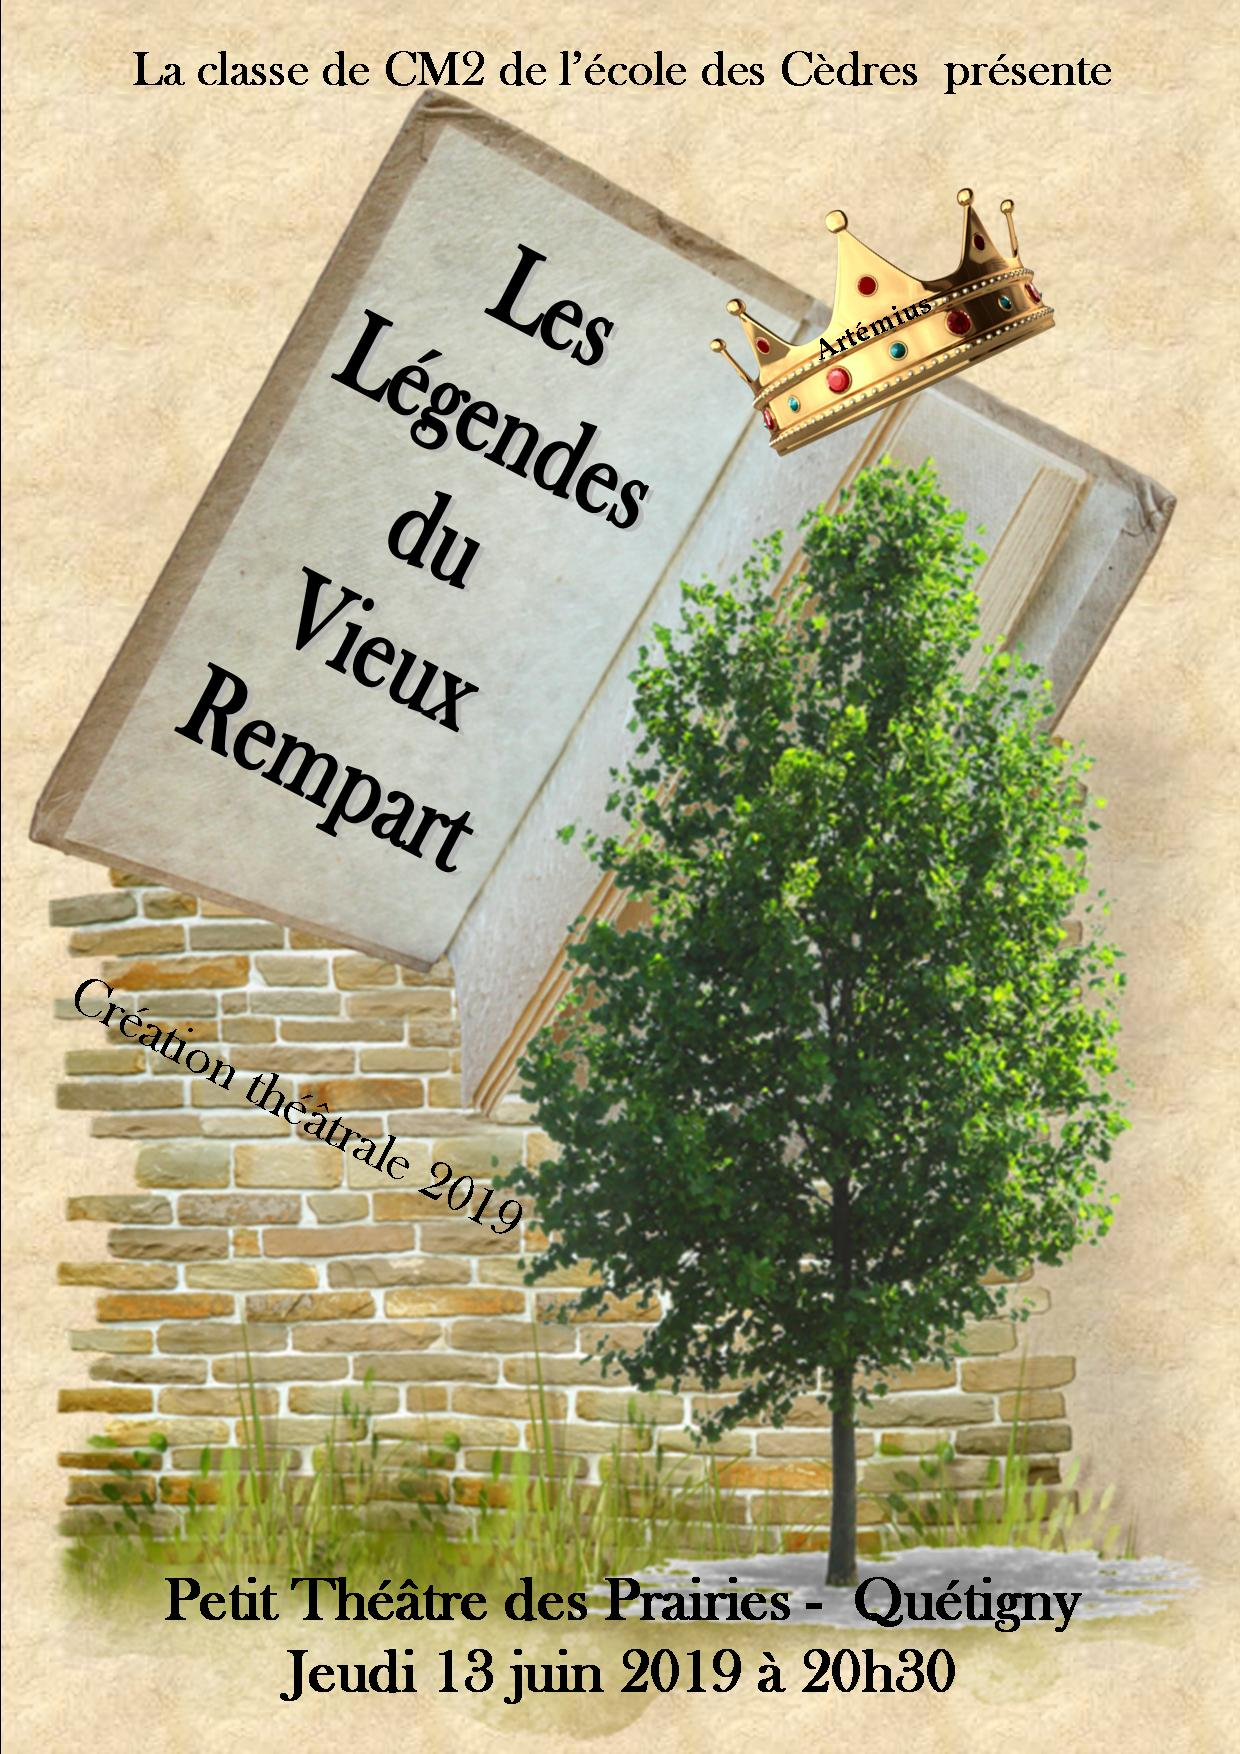 Affiche Les Légendes du Vieux Rempart 02.jpg